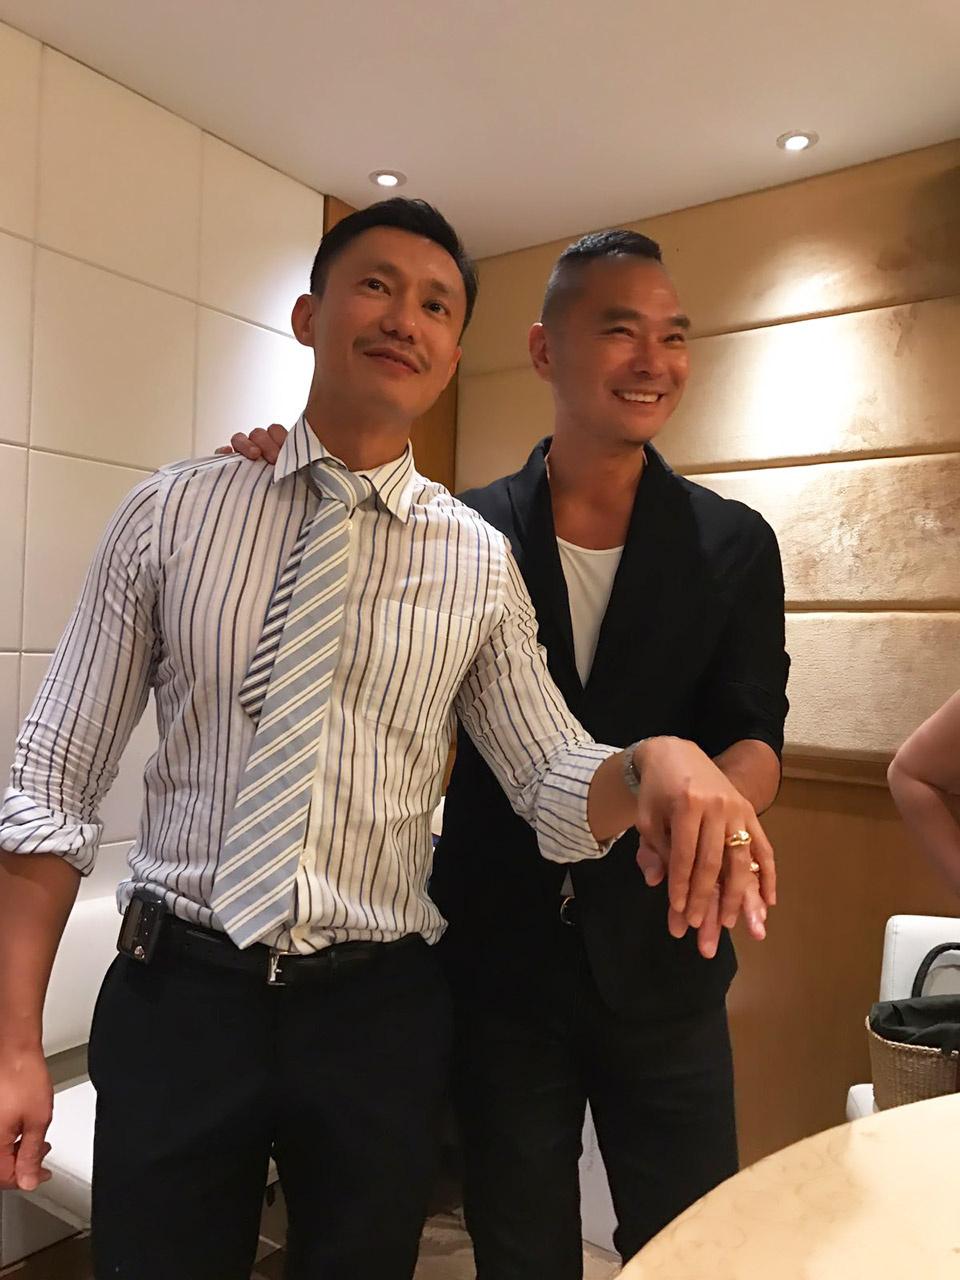 Chuyện tình đẹp: MC đồng tính Hồng Kông từ bỏ gia sản triệu đô để kết hôn với bác sĩ chữa bệnh ung thư cho mình - Ảnh 5.